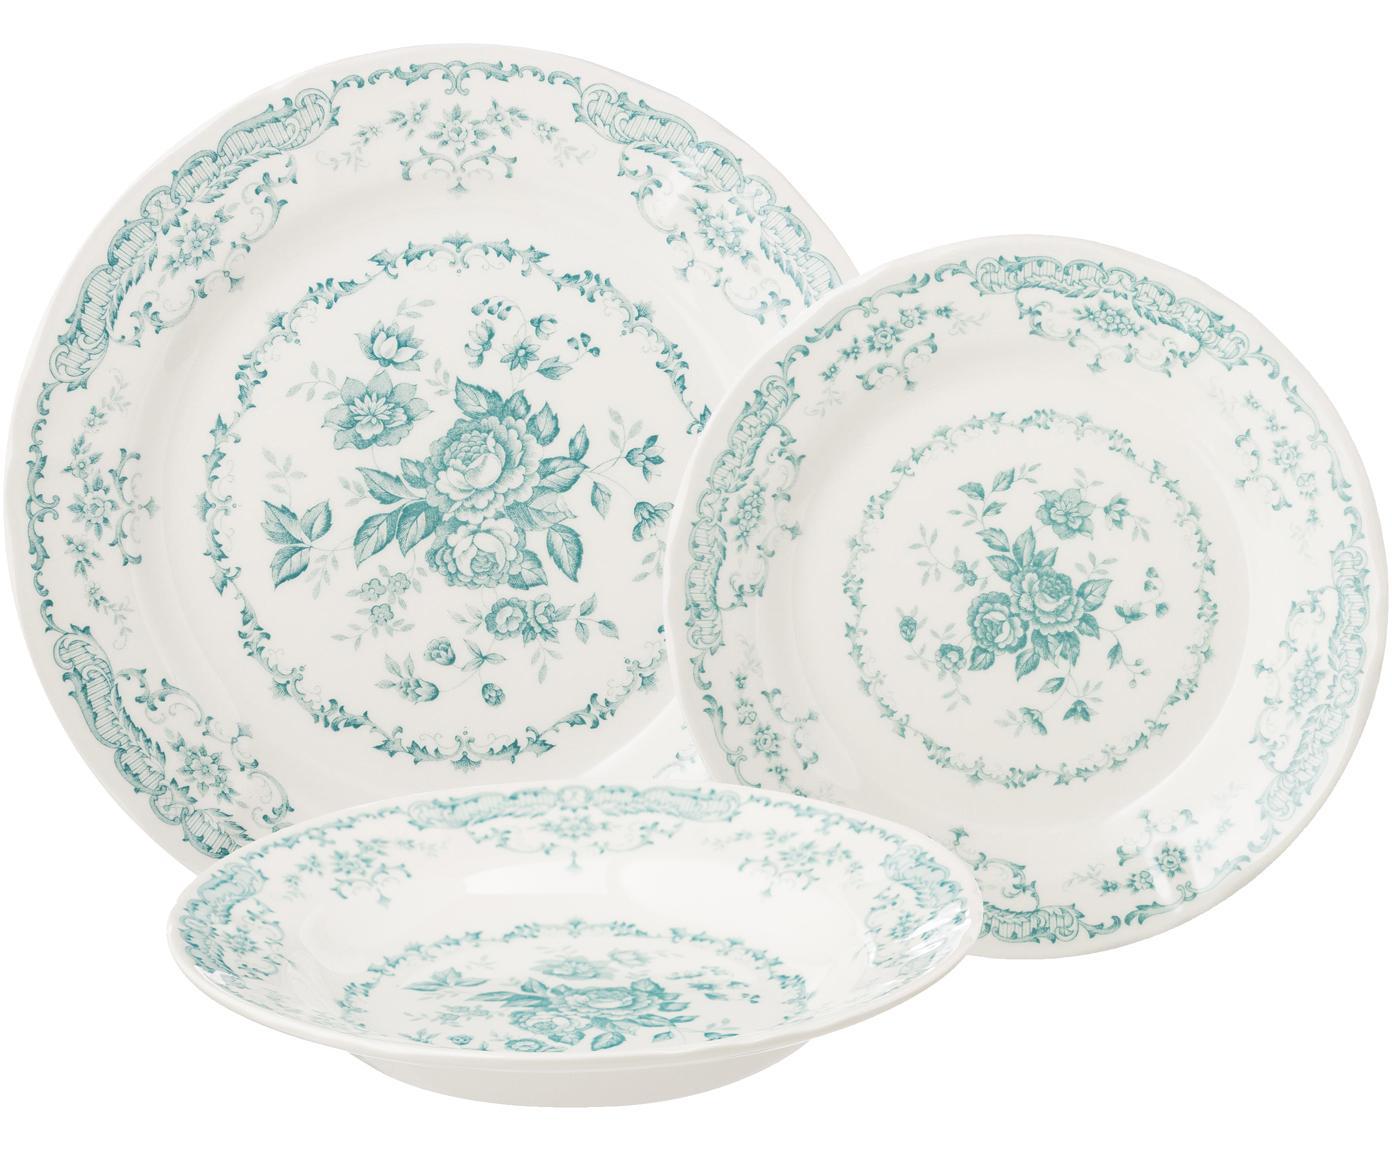 Serviesset Rose met bloemmotief in turquoise, 6 personen (18-delig), Keramiek, Wit, turquoise, Set met verschillende formaten